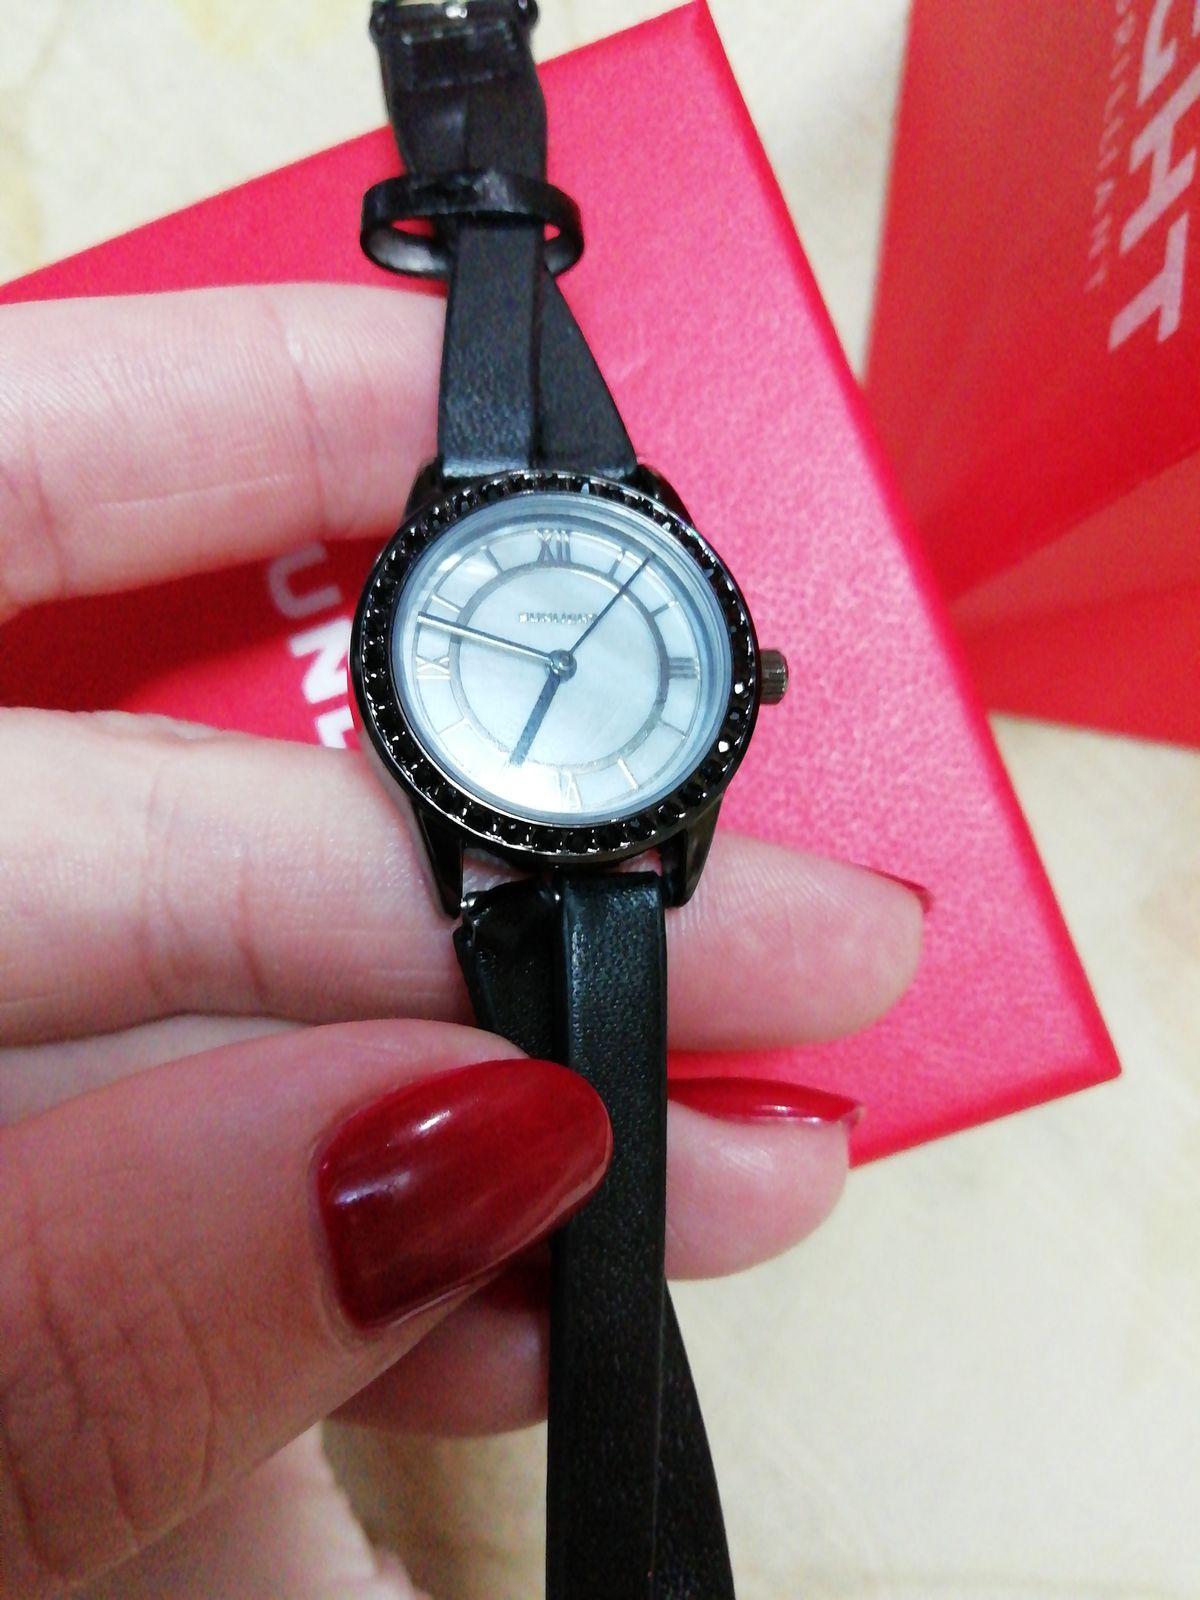 Красивые часы, но не качество ремня.